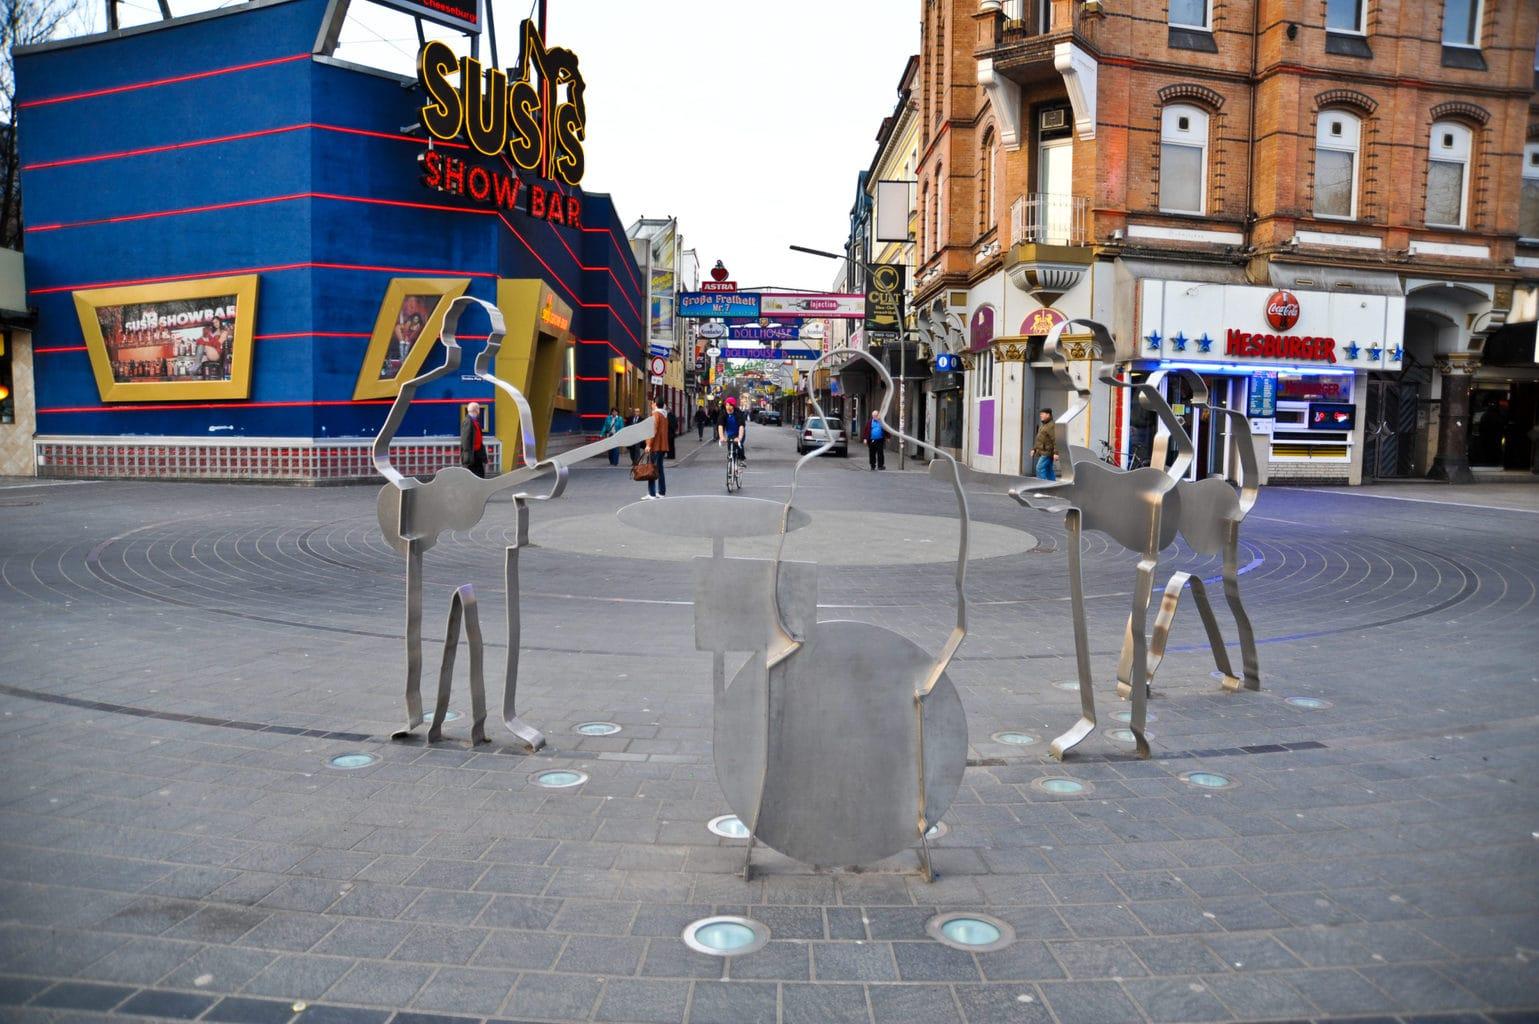 Standbeelden van de Beatles of terwijl de Fab Four op de Reeperbahn in Hamburg